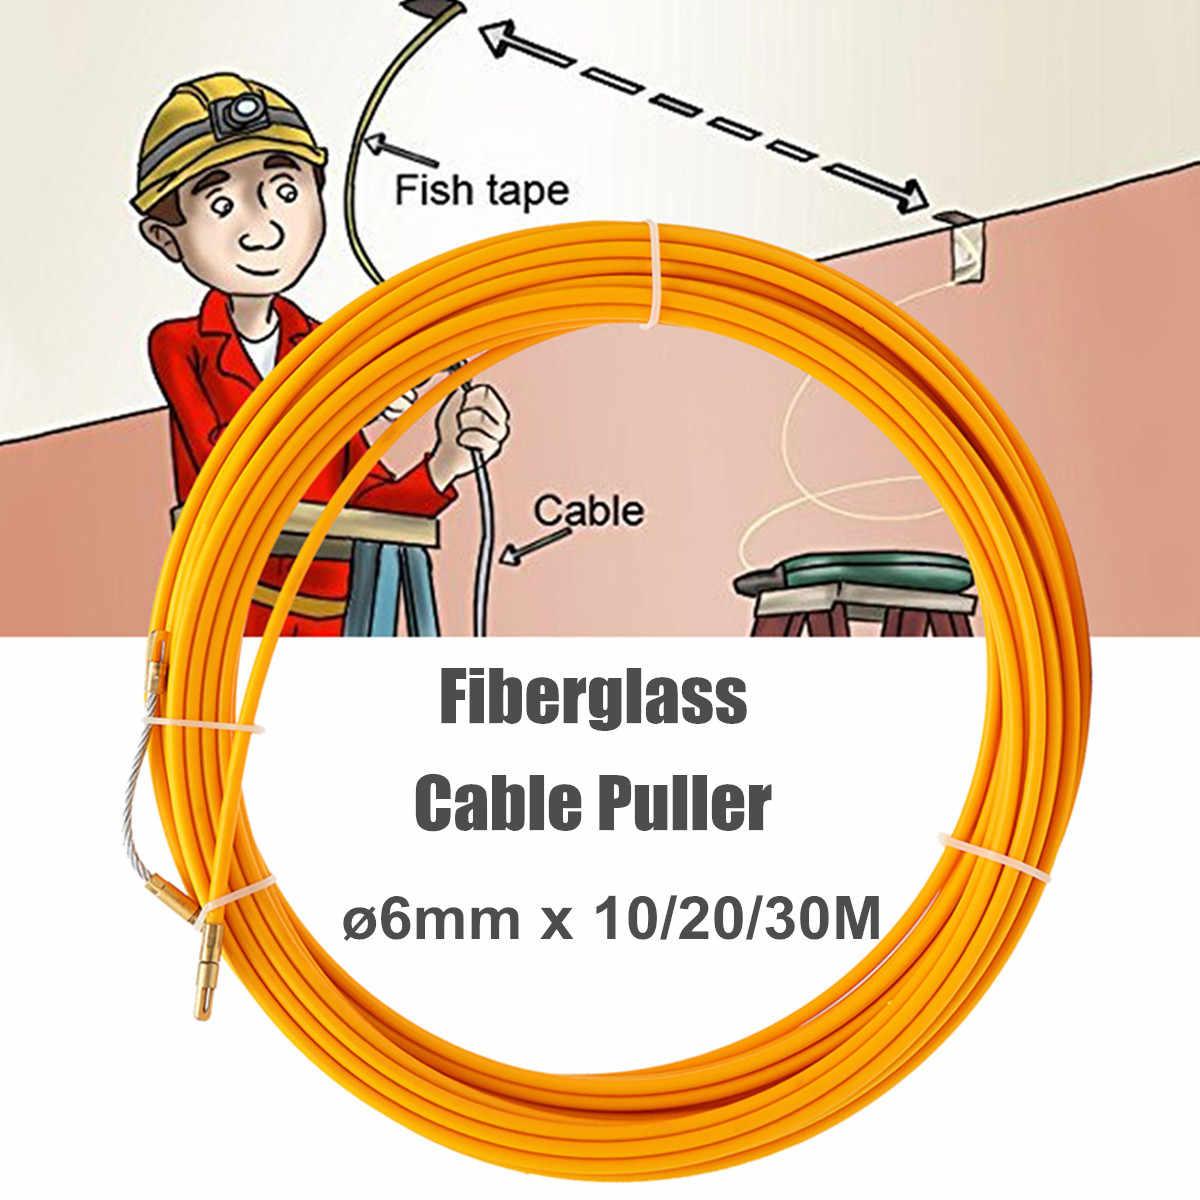 Dispositif de guidage en fiber de verre, outil de lecture de câble électrique, 30M 6mm, conduit de serpent, carton de poisson, outil de lecture de fil